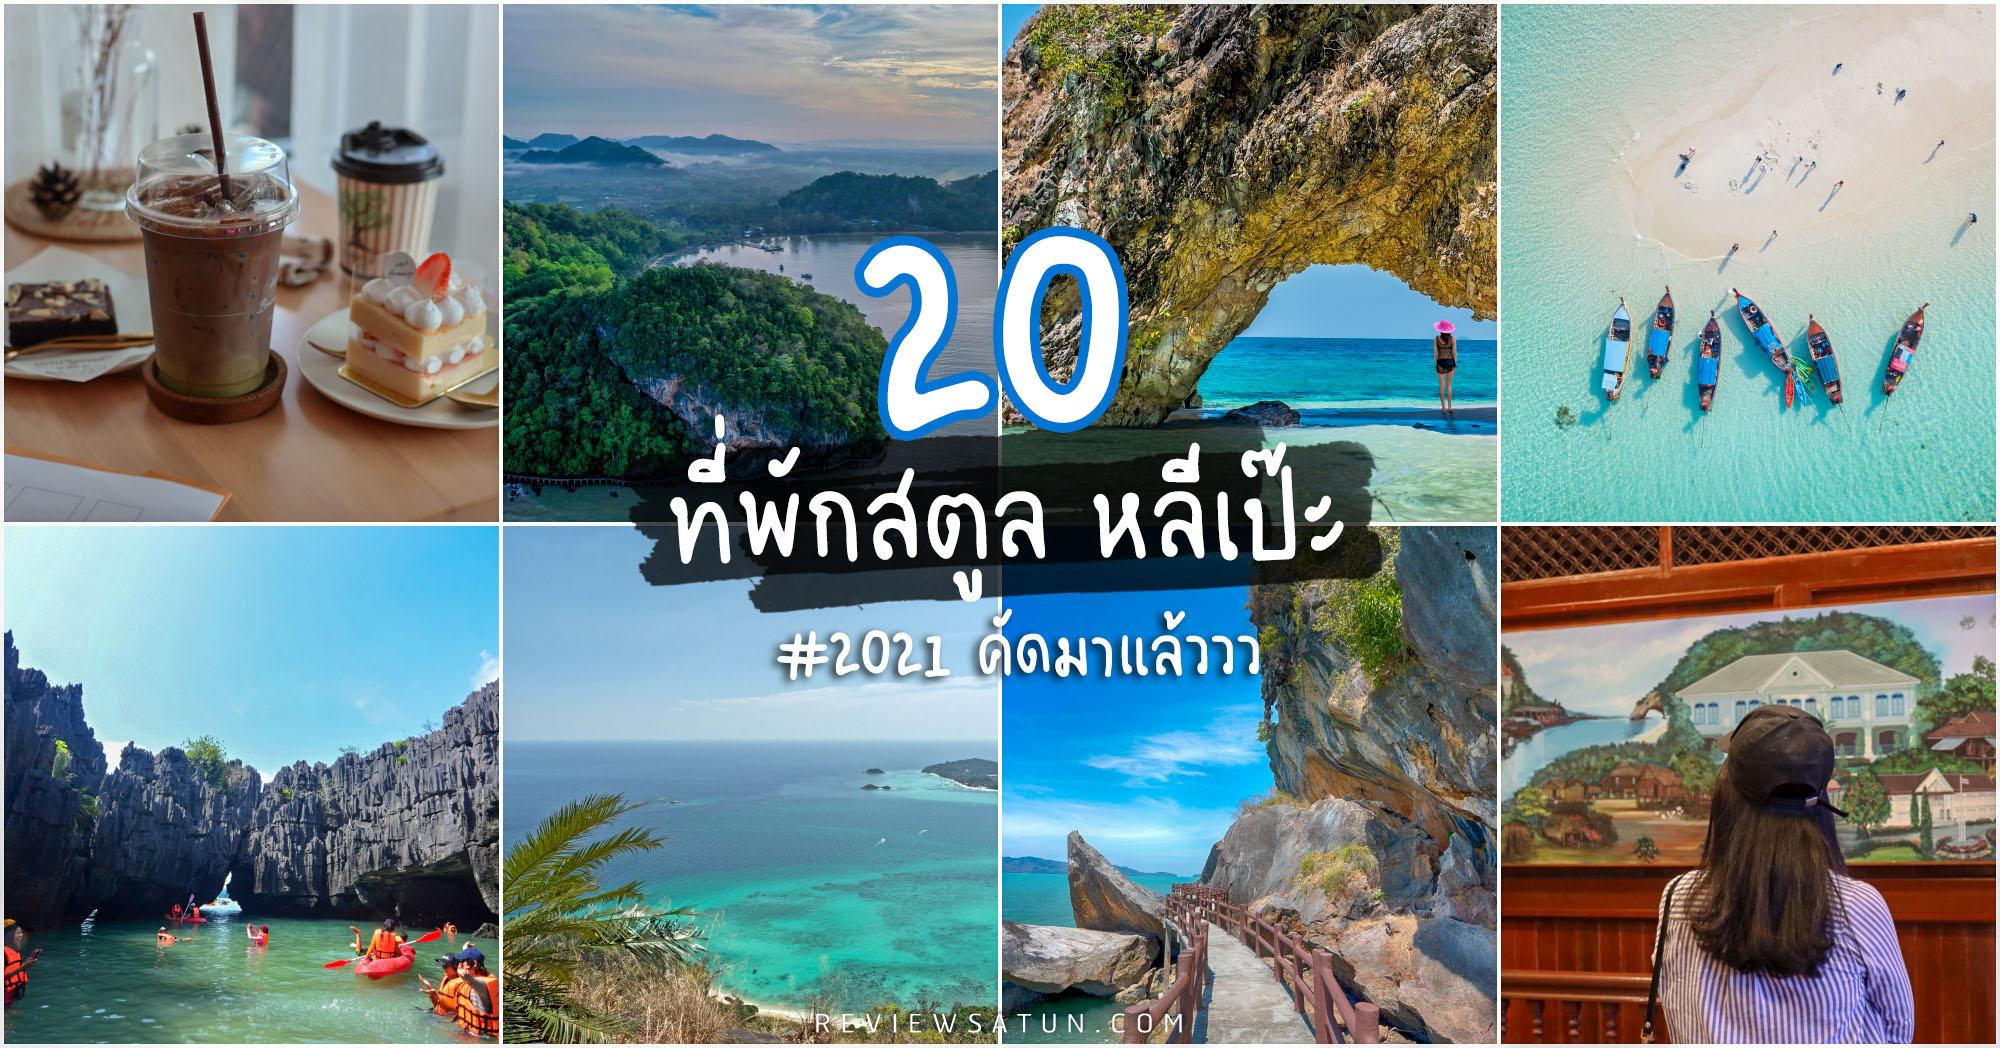 20 ที่พักหลีเป๊ะ สตูล  คัดมาแล้ว 2021 วิวติดทะเล หาดสวย น้ำใสกรี๊งง ราคาไม่แรงต้องห้ามพลาด